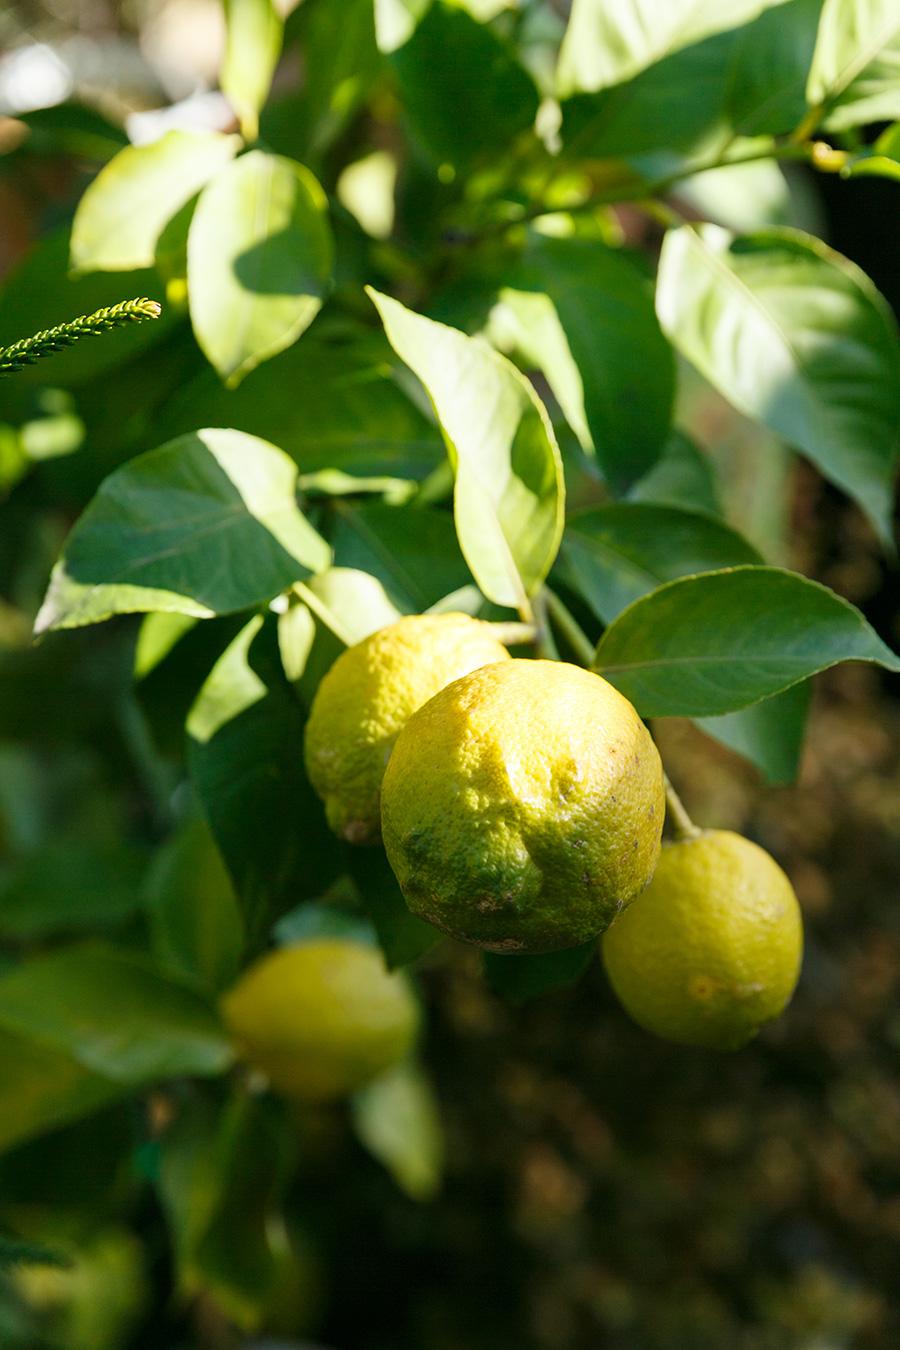 「レモンは防虫もしなければならないですし、病気を防ぐために年に一度の消毒も必要ですが、実のなる姿はとても素敵なのでオススメです」